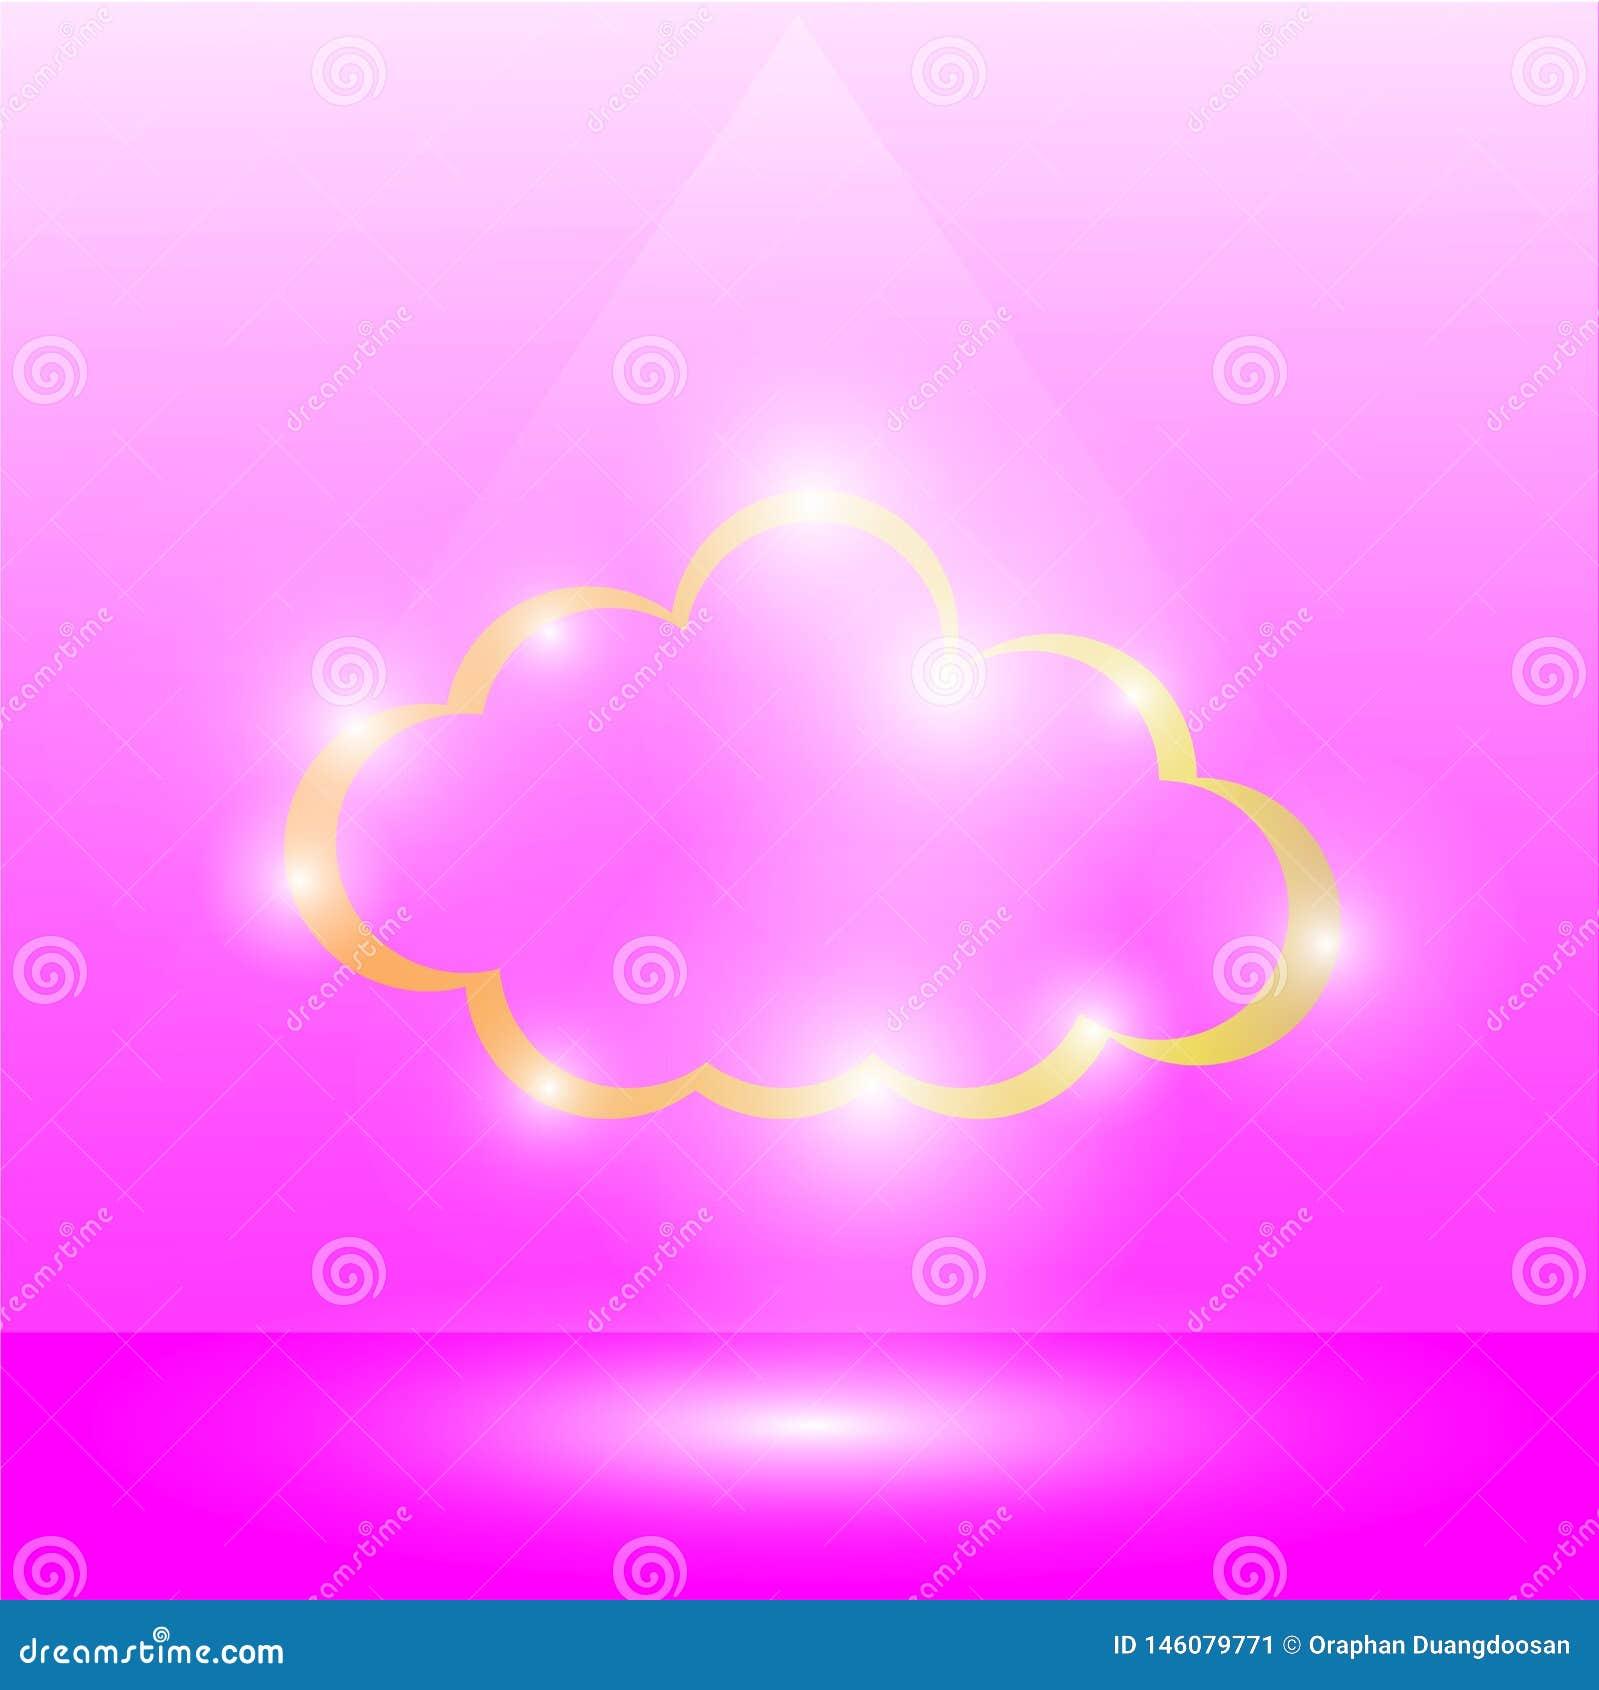 'forma de la nube de oro y de brillar intensamente ligero alrededor en un fondo rosado, luz que brilla en la nube, brillo ligero